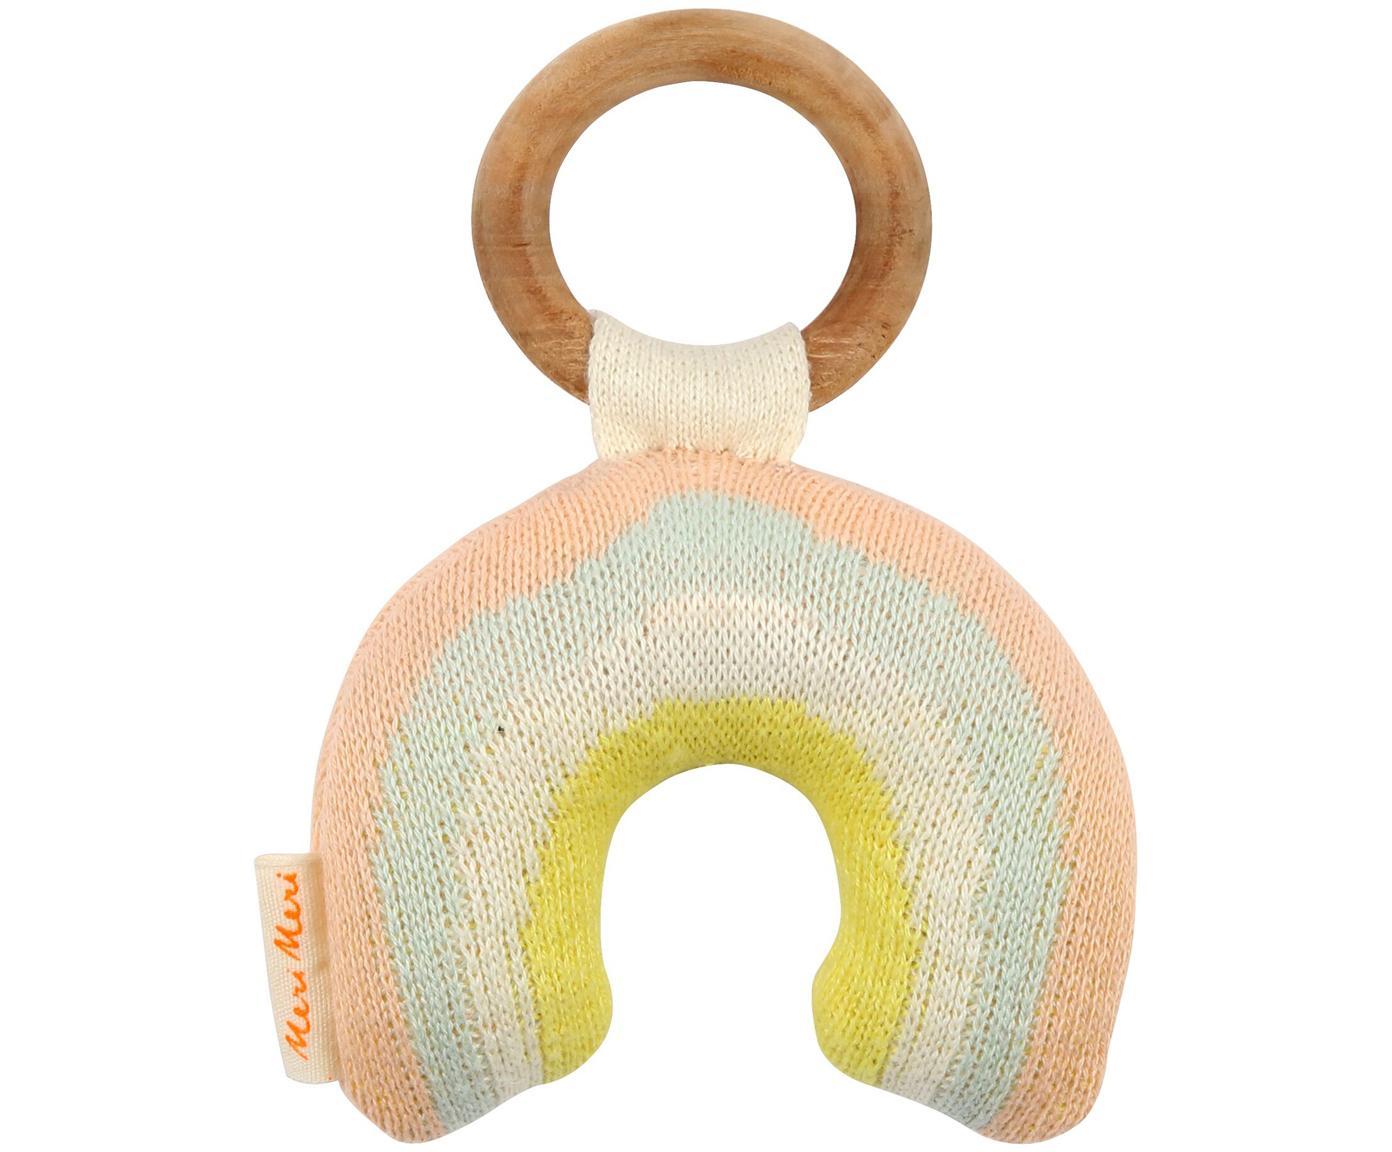 Grzechotka z bawełny organicznej Rainbow, Blady różowy, niebieski, kremowy, żółty, S 10 x W 14 cm